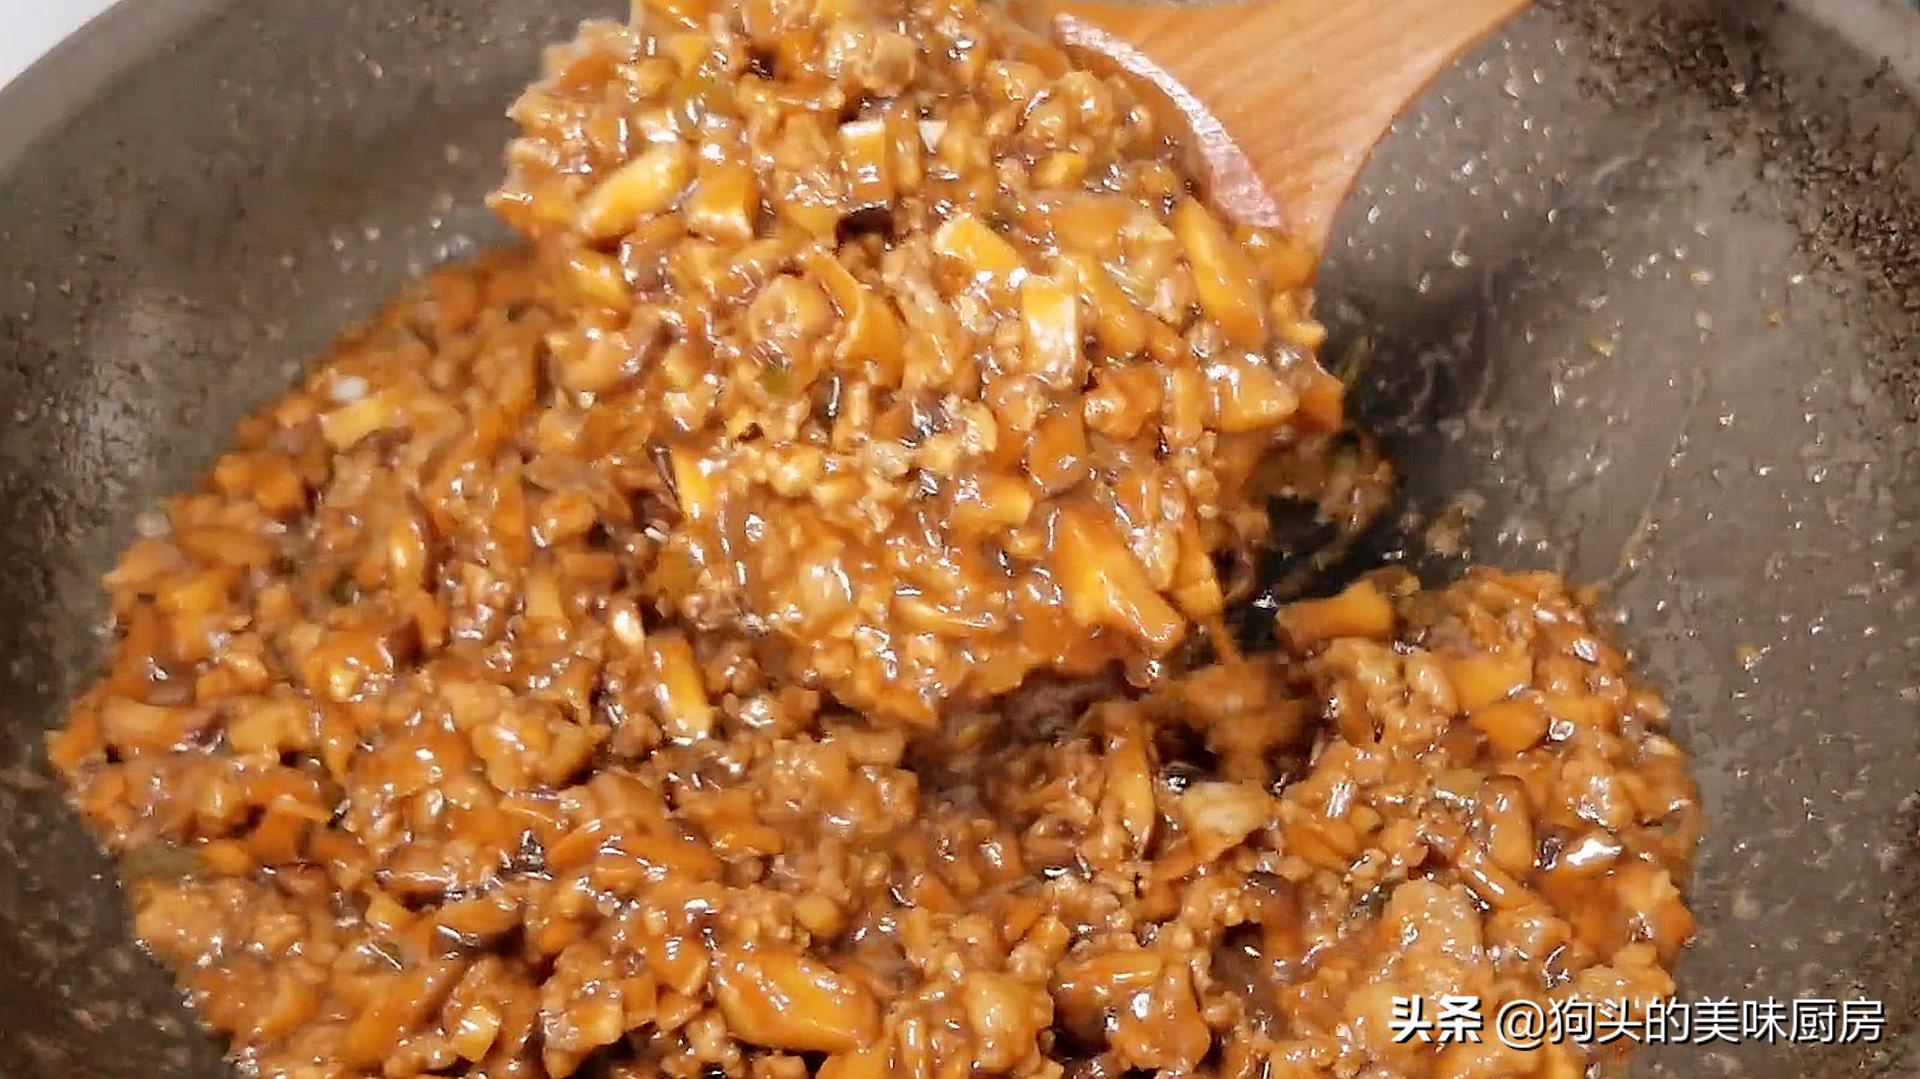 最近嘴馋没少吃它,入锅煮一煮,浇上料汁一拌,开胃又解馋 美食做法 第10张